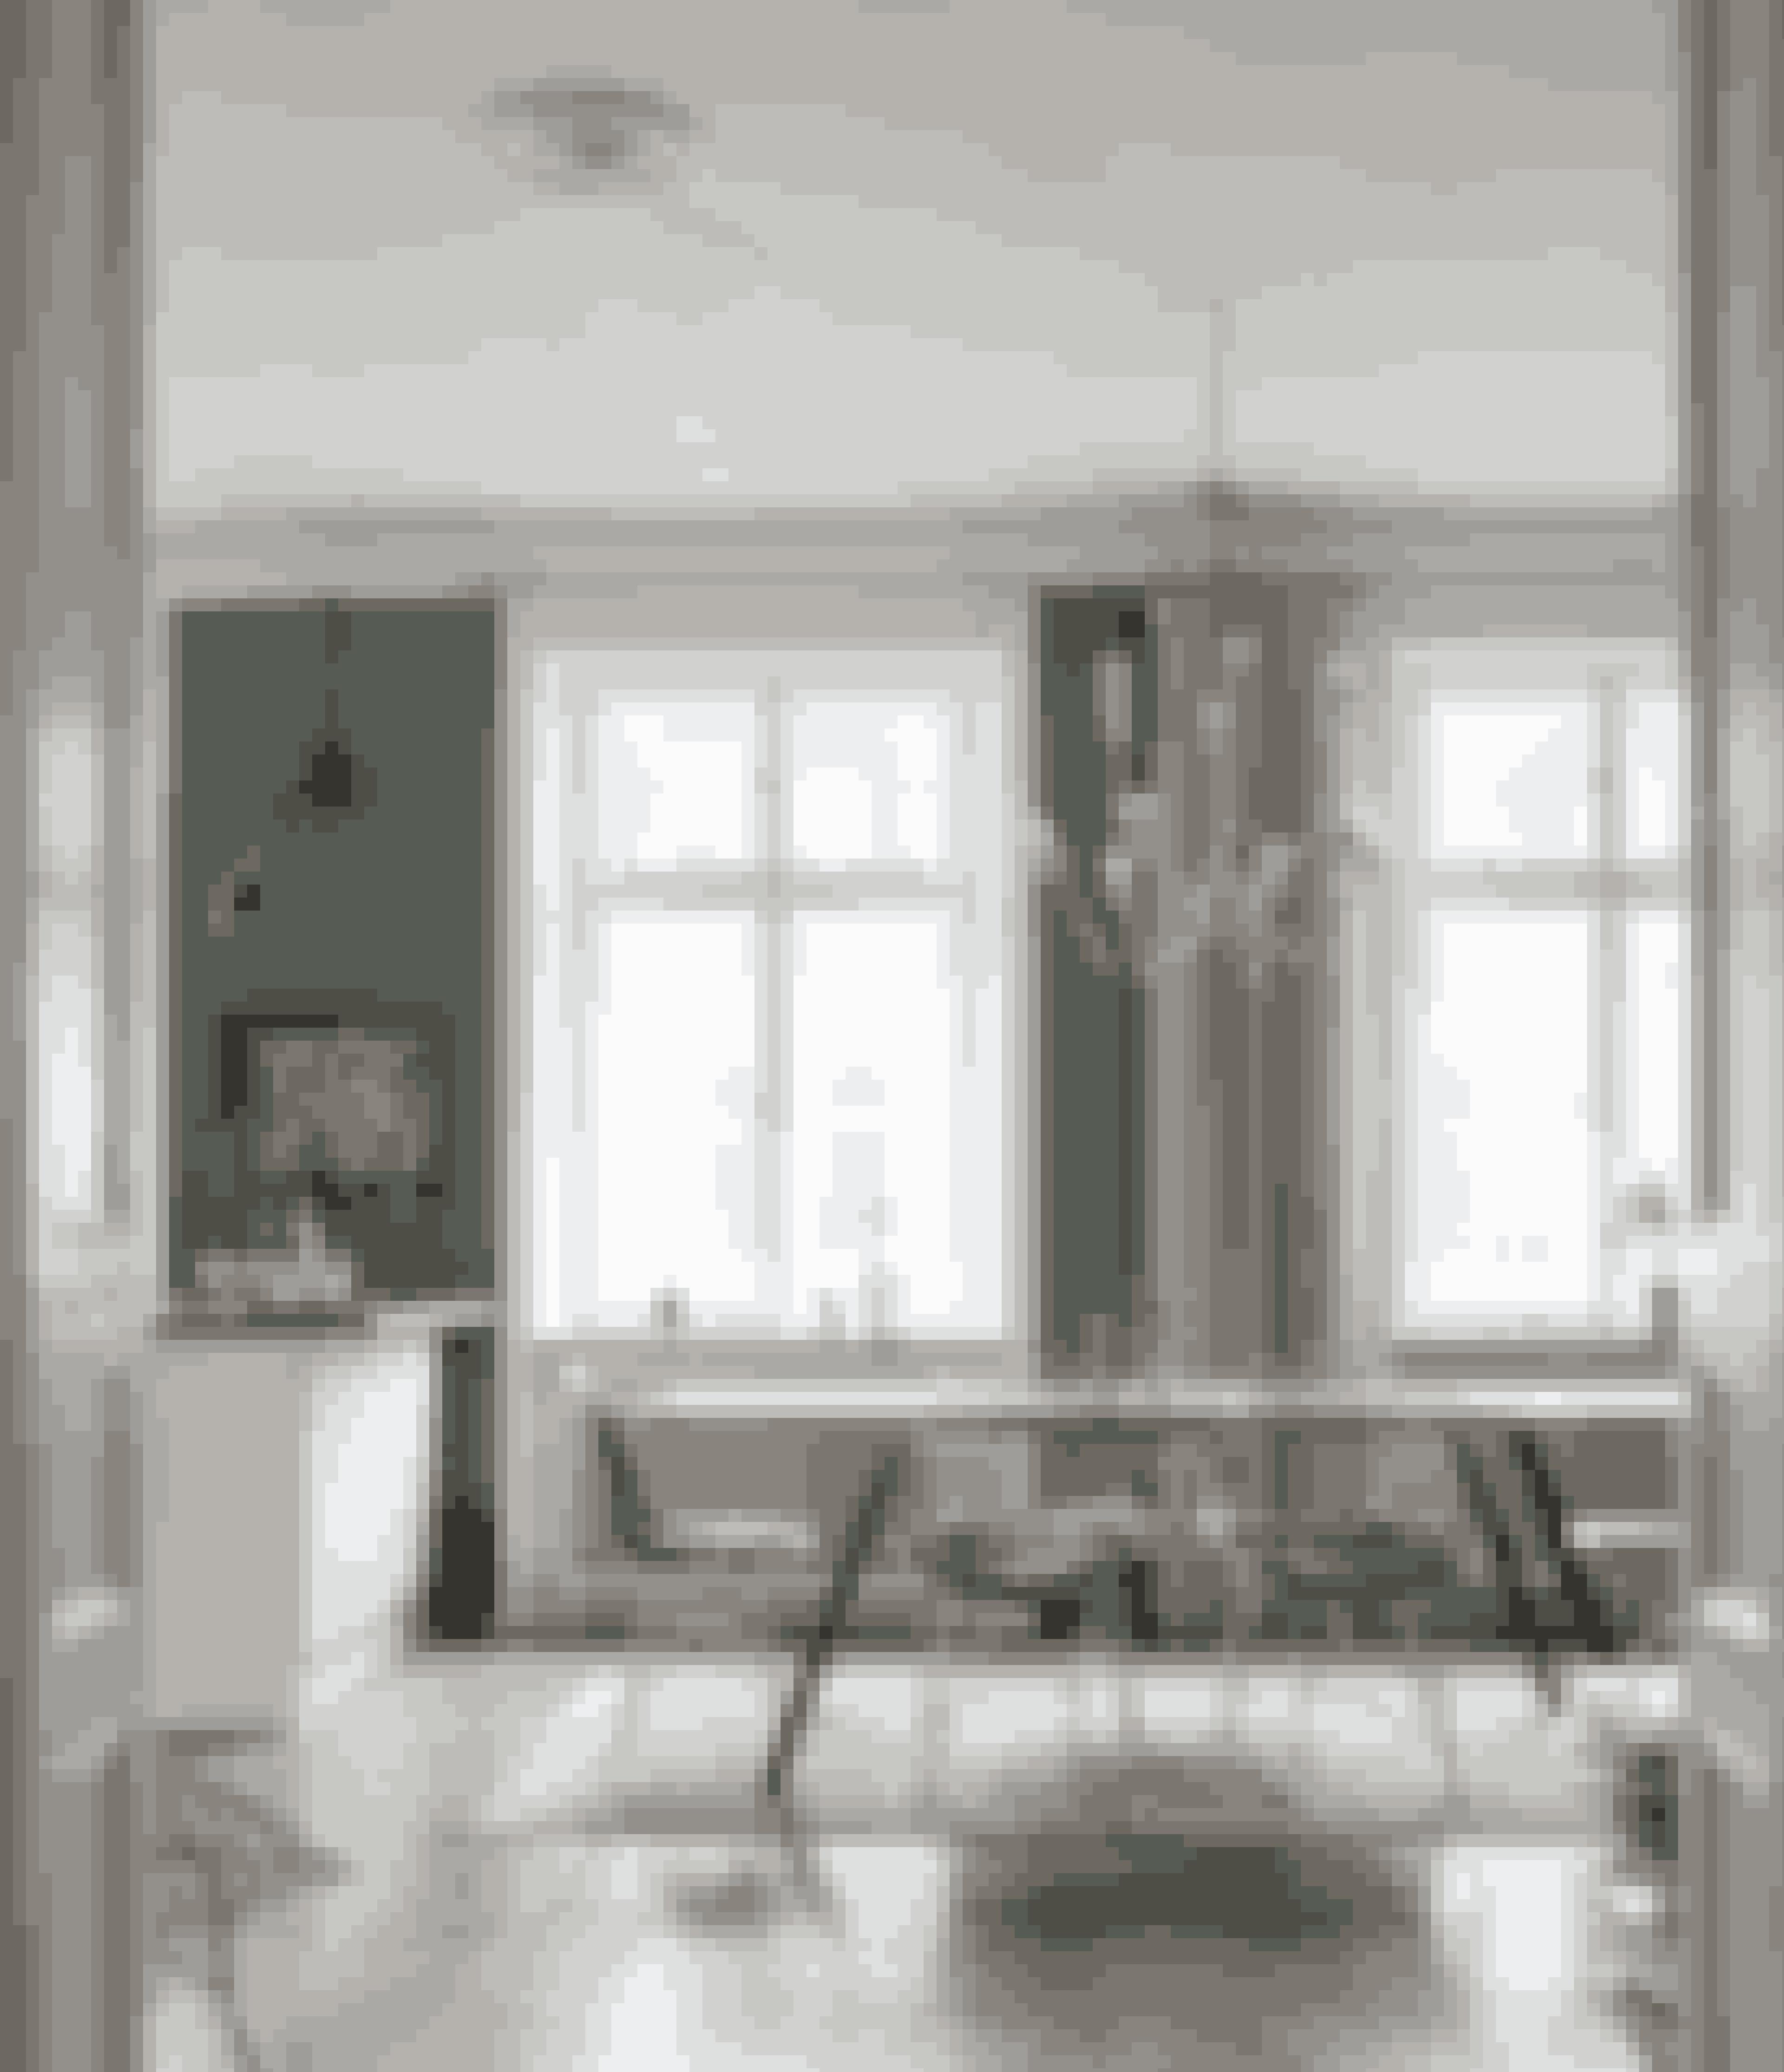 Ved at sætte spisebordet på langs i forlængelse af køkkenet, kommer der masser af luft i stuen, og det er nemt at bevæge sig rundt mellem rummene. Spisebordsstolene er af Eames og Harry Bertoia, spisebordet er lavet af gamle tagplanker fra Frankrig med et svejset understel, og lysekronen er fra Autoban i Istanbul.